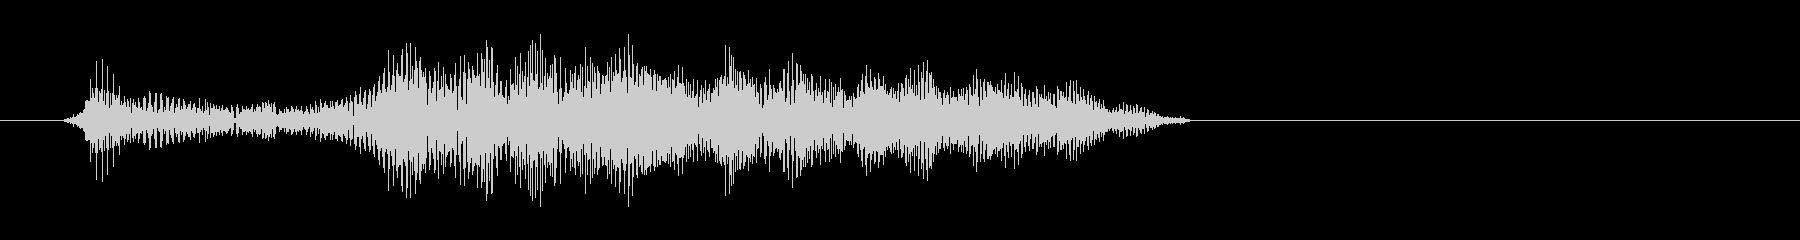 ピキーッ(高音で鋭い効果音)の未再生の波形